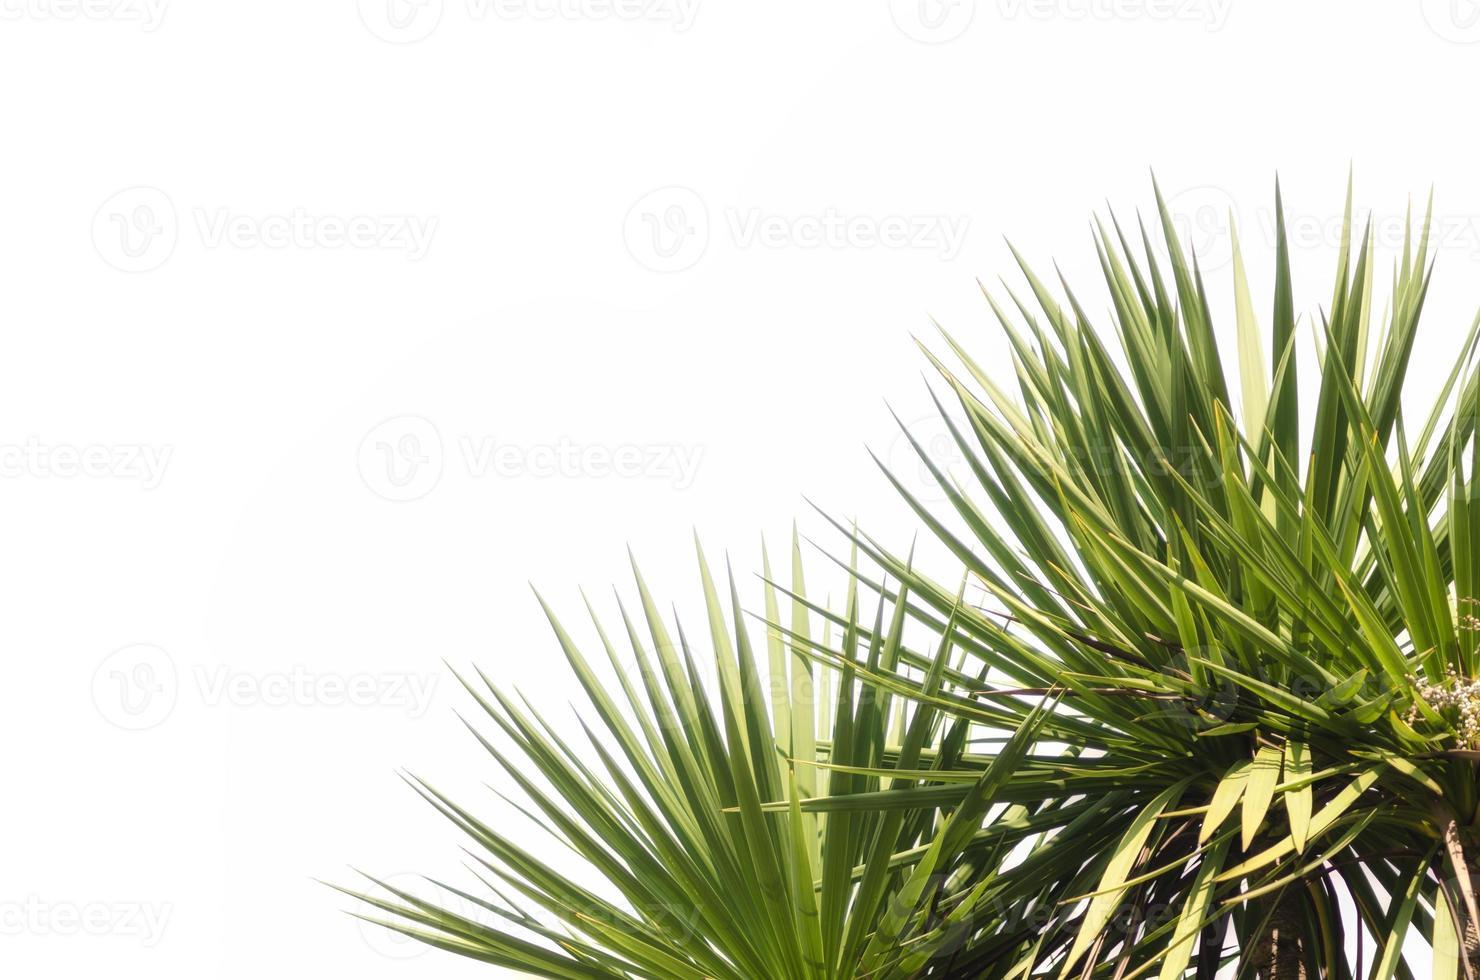 groene tropische planten op een witte achtergrond foto